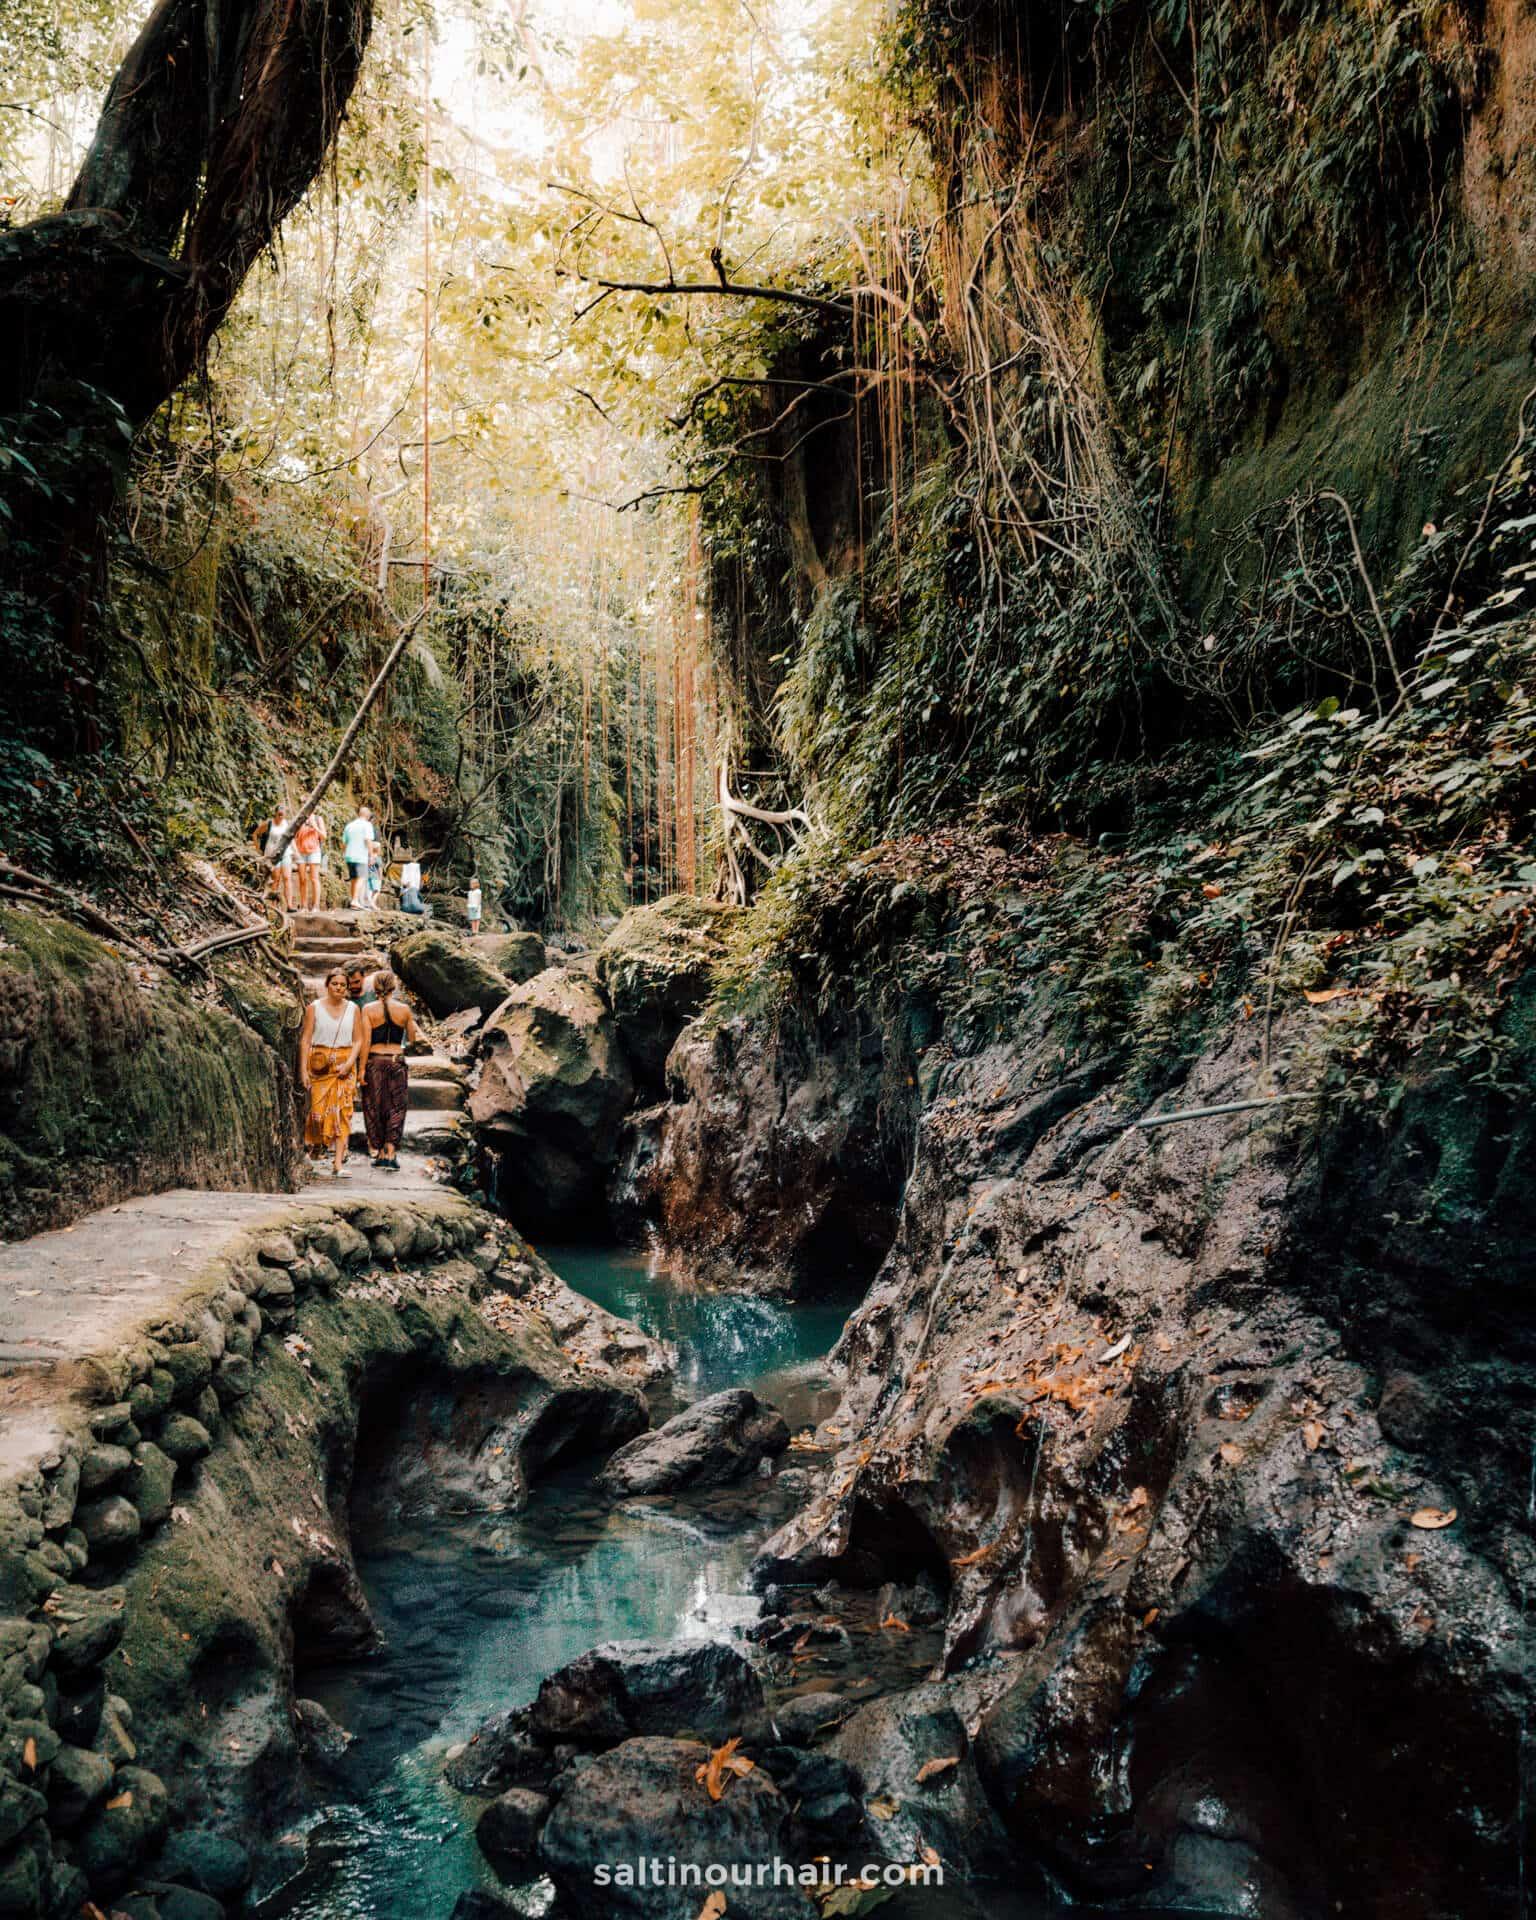 ubud Monkey forest park